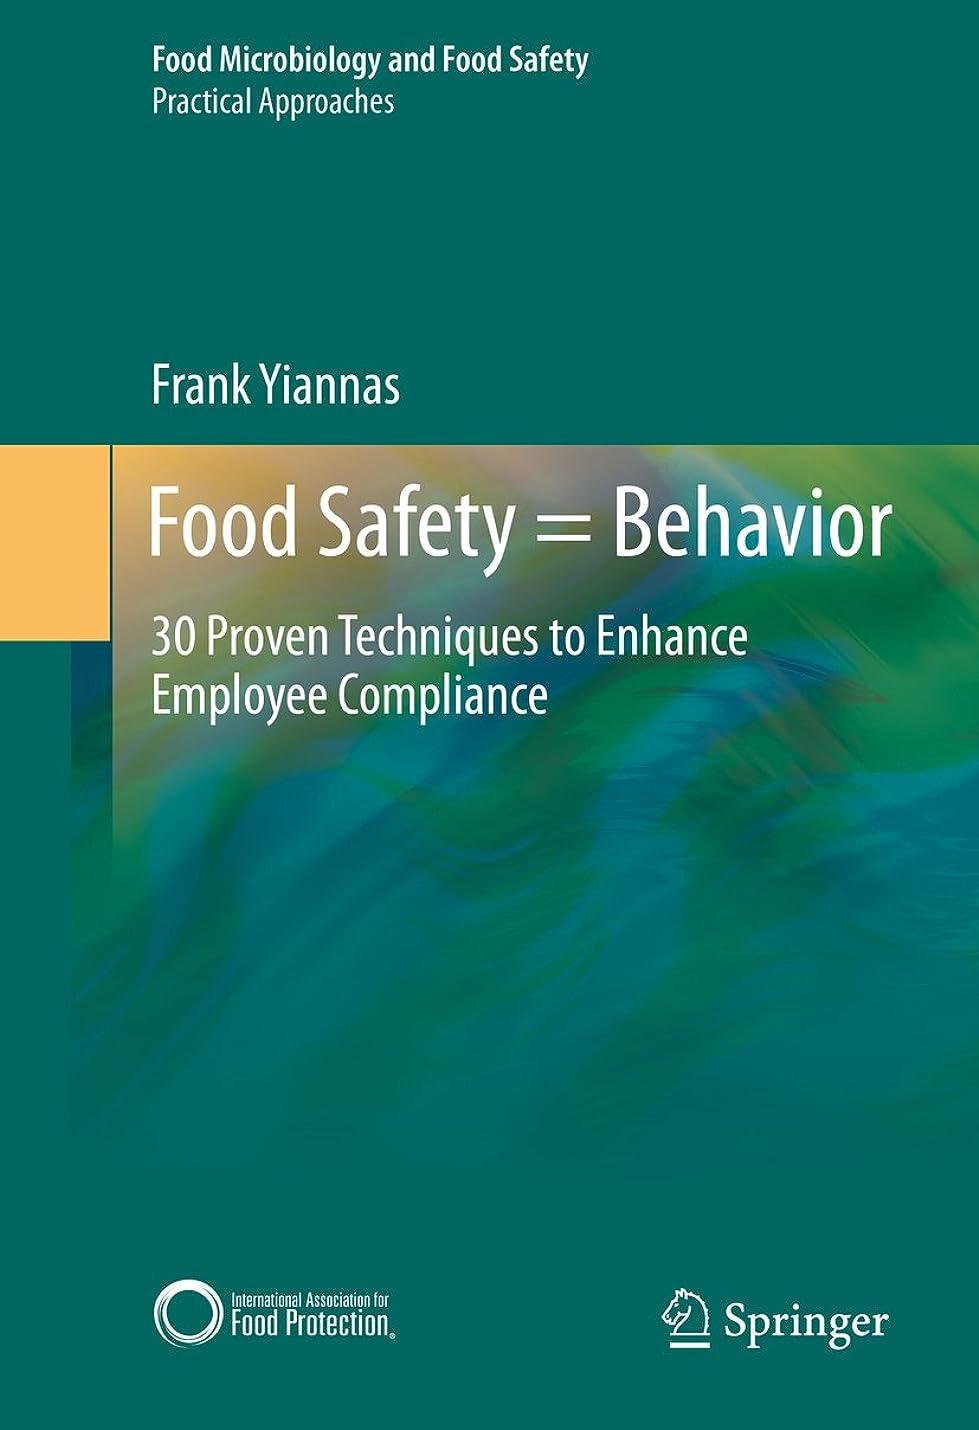 シャックル太平洋諸島最適Food Safety = Behavior: 30 Proven Techniques to Enhance Employee Compliance (Food Microbiology and Food Safety) (English Edition)